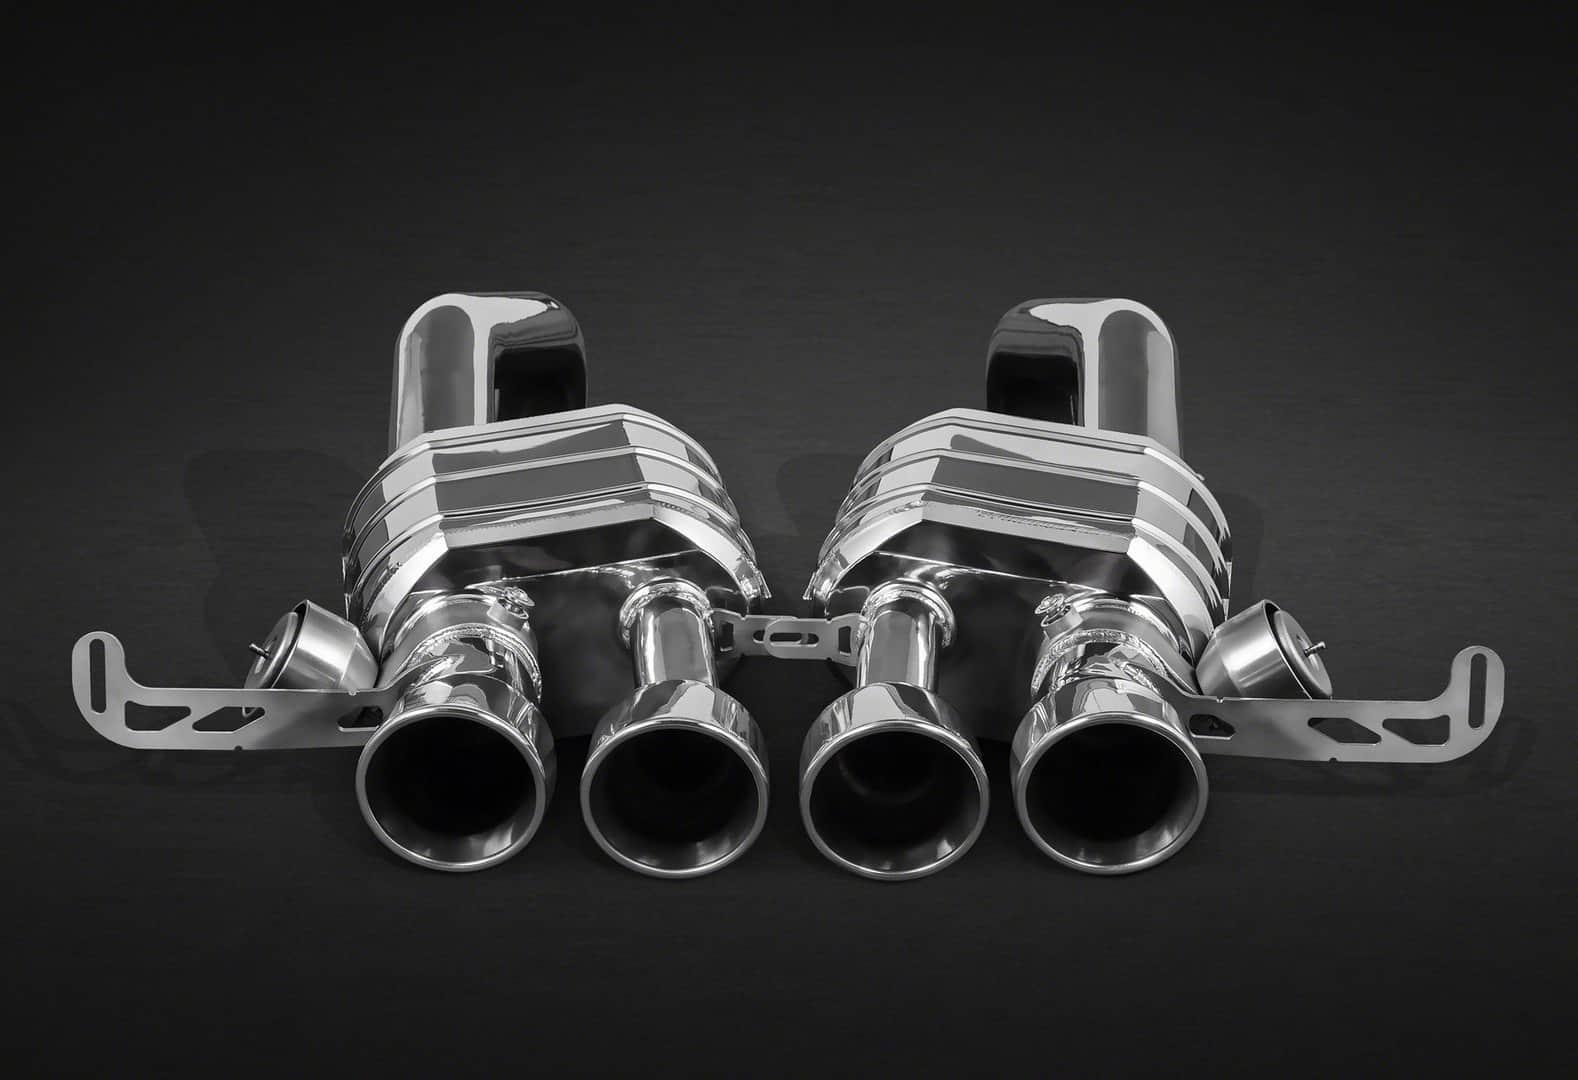 corvette c7 z06 exhaust with valve